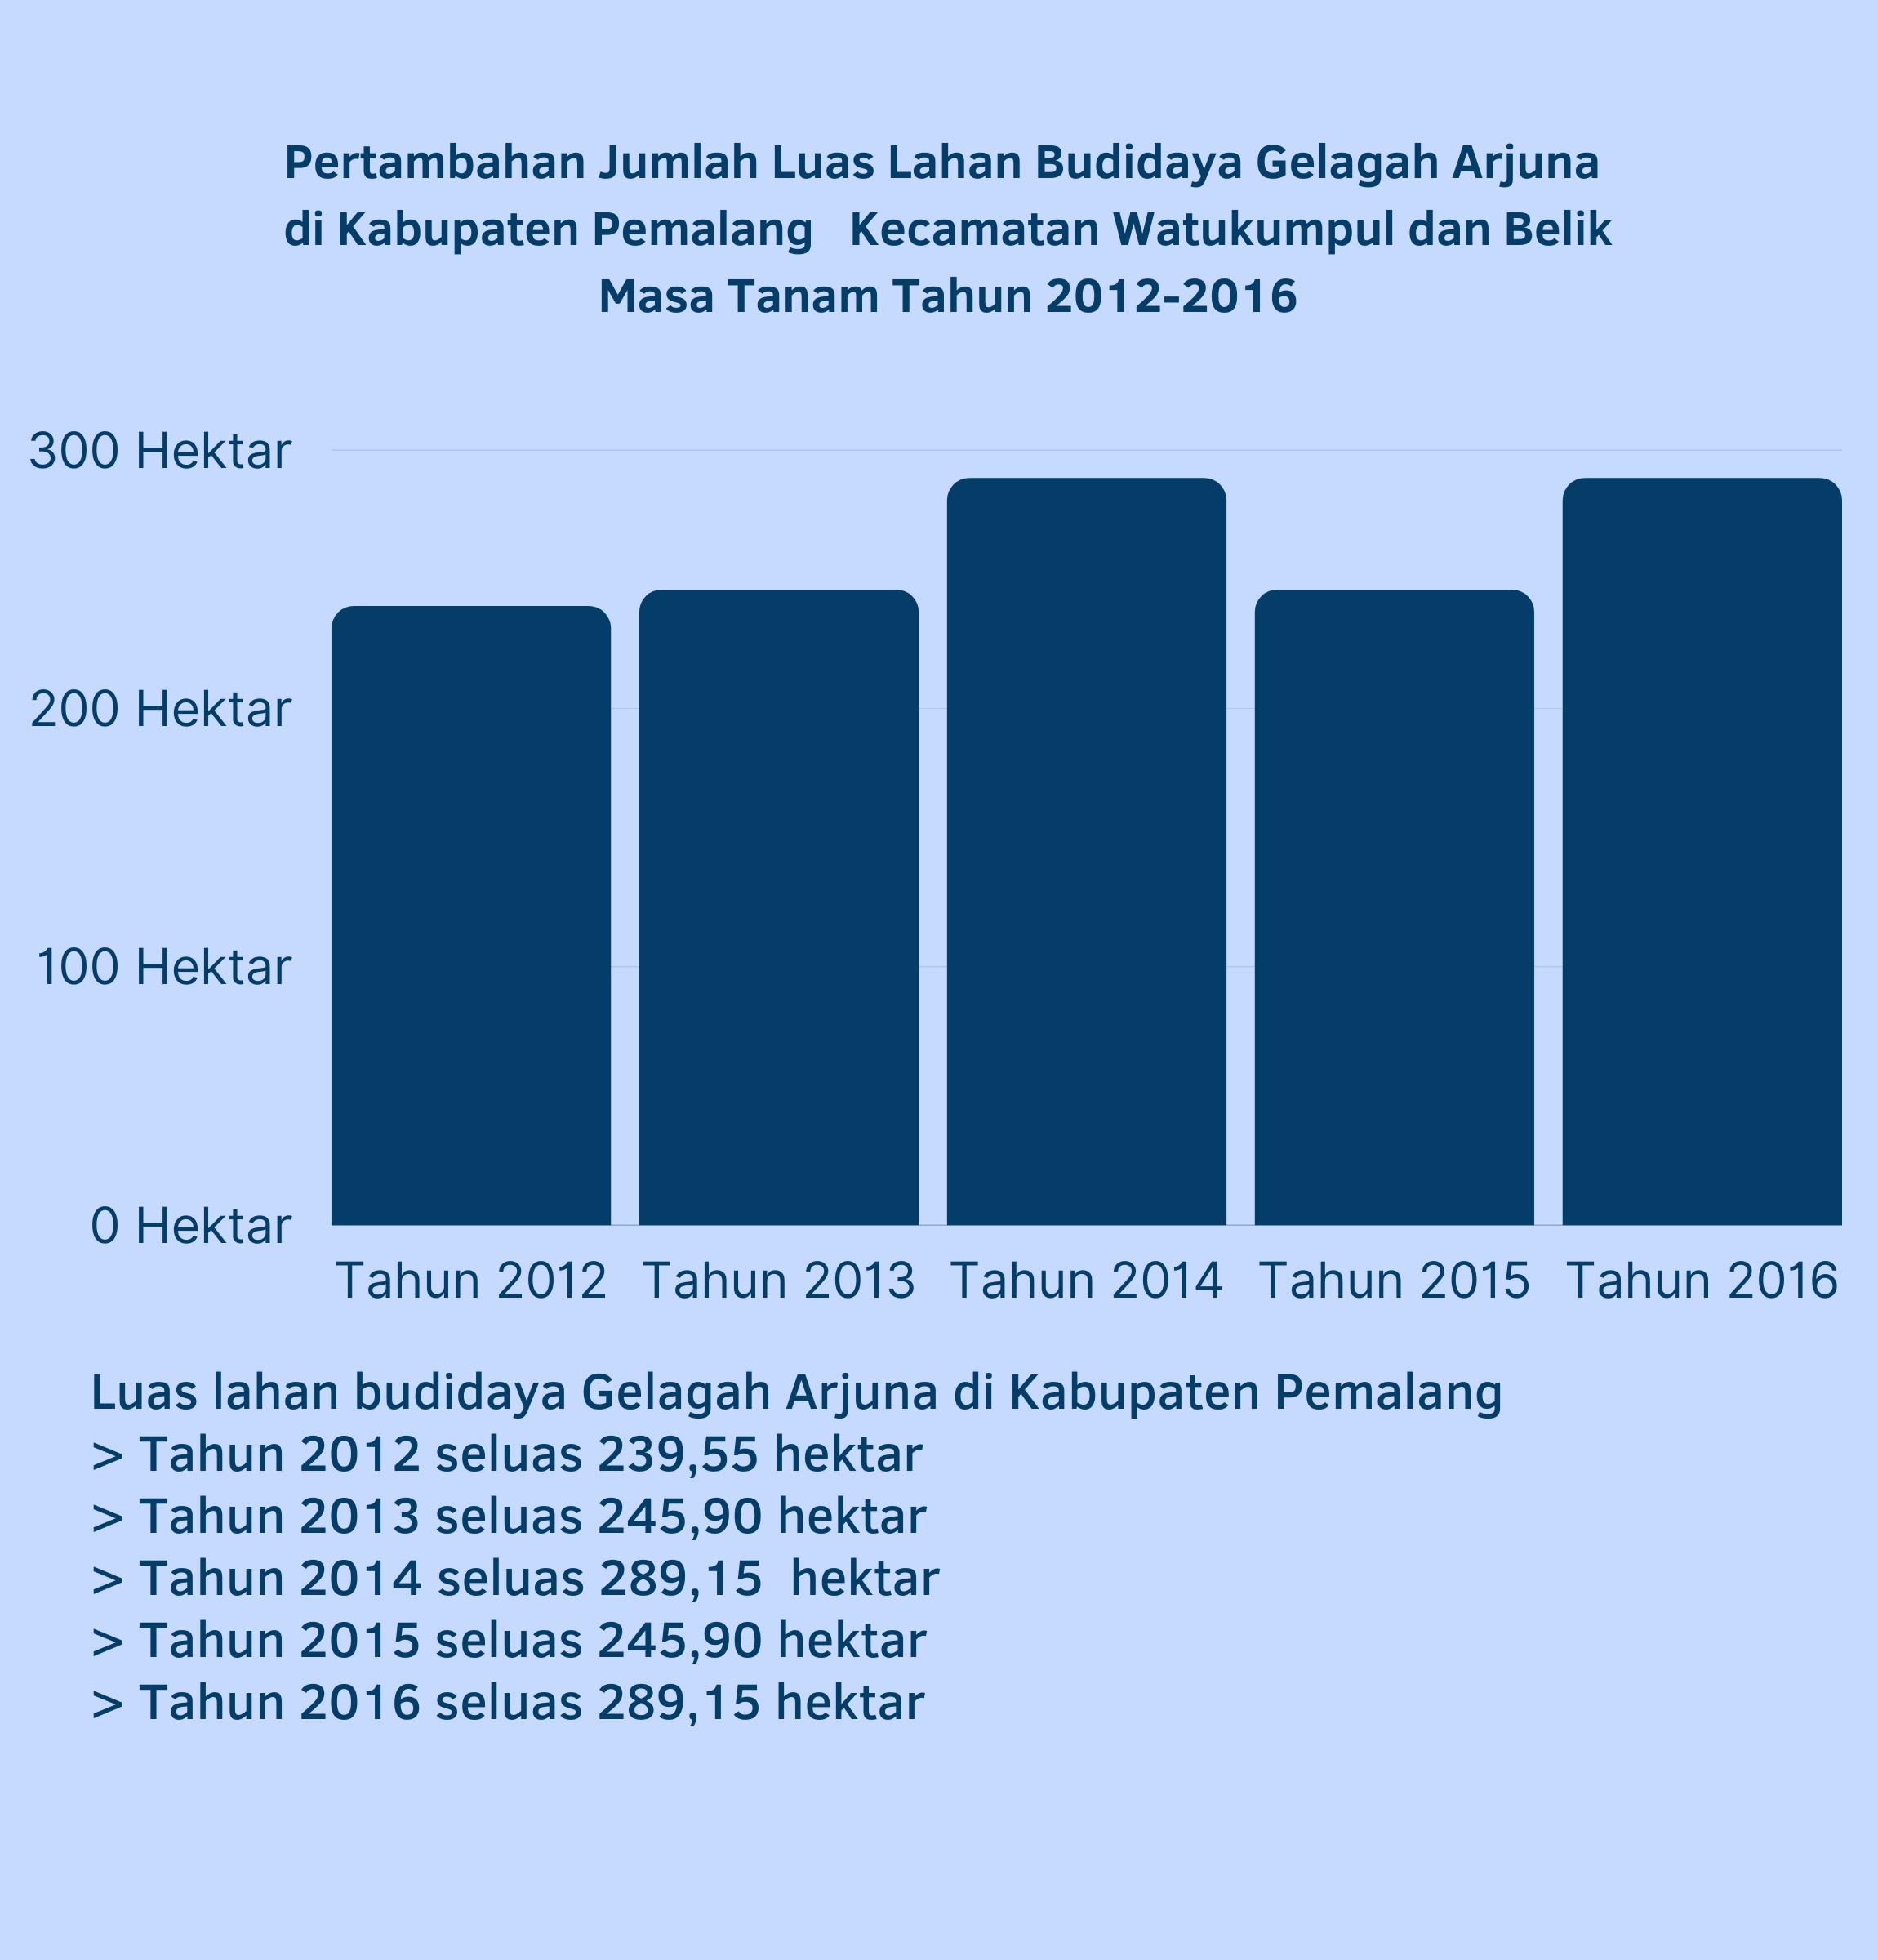 Grafik Luas Lahan Budidaya Gelagah Arjuna di Kabupaten Pemalang